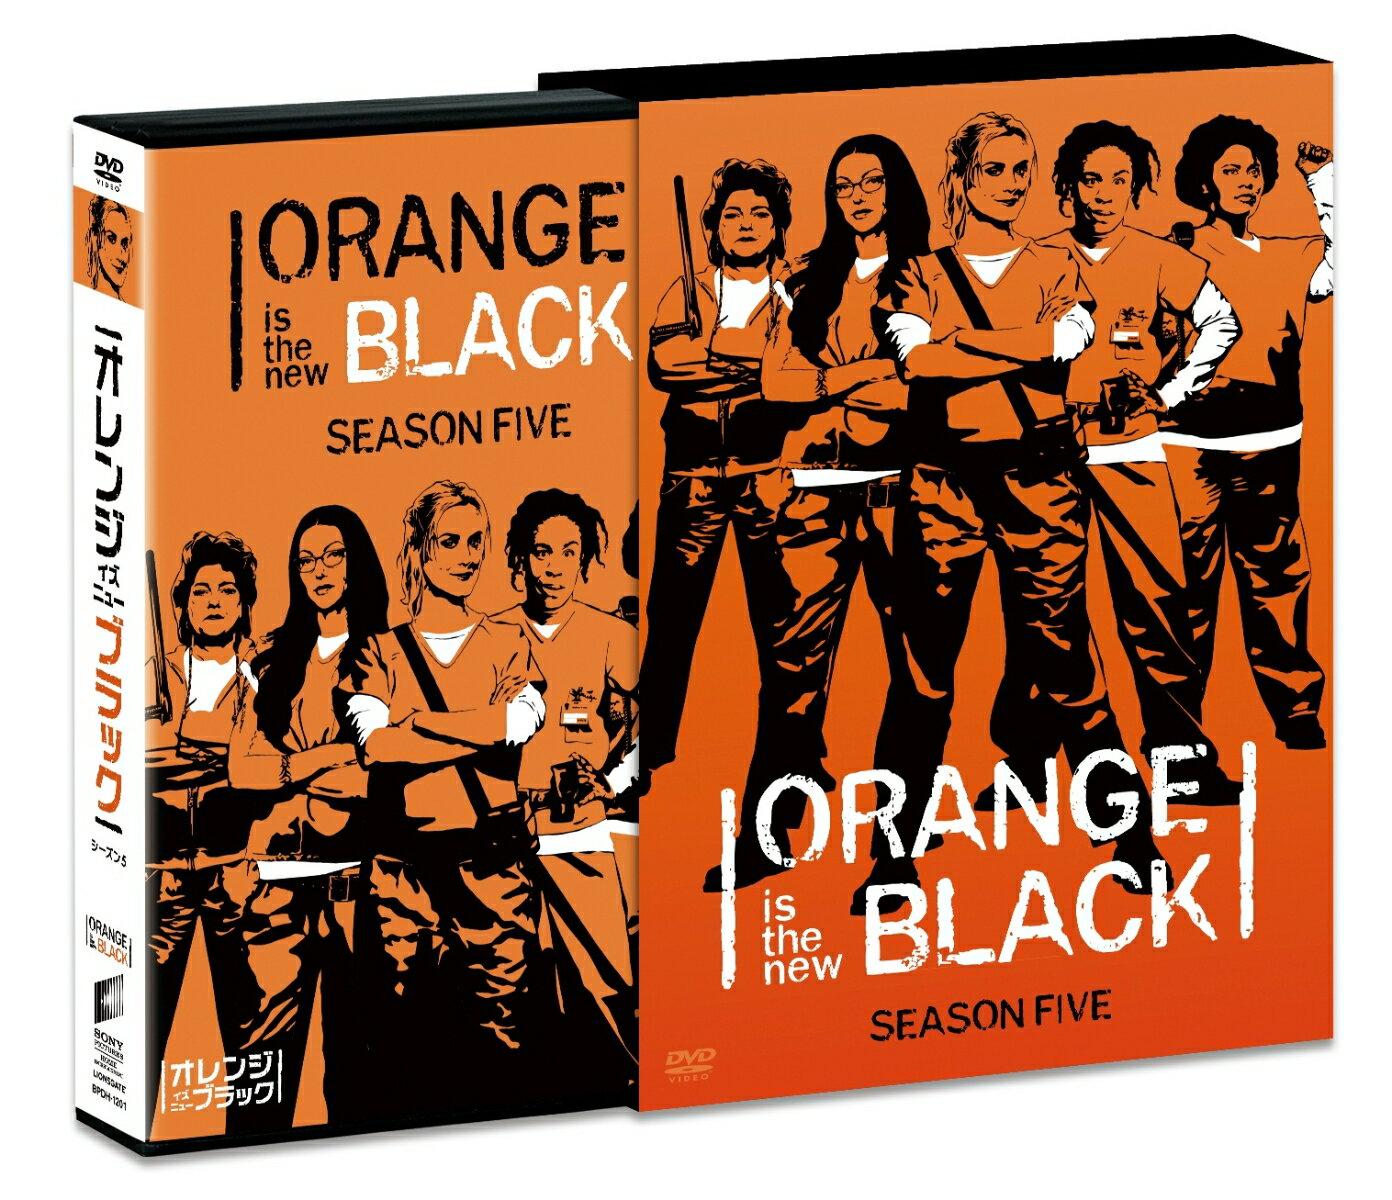 オレンジ・イズ・ニュー・ブラック シーズン5 コンプリート BOX画像